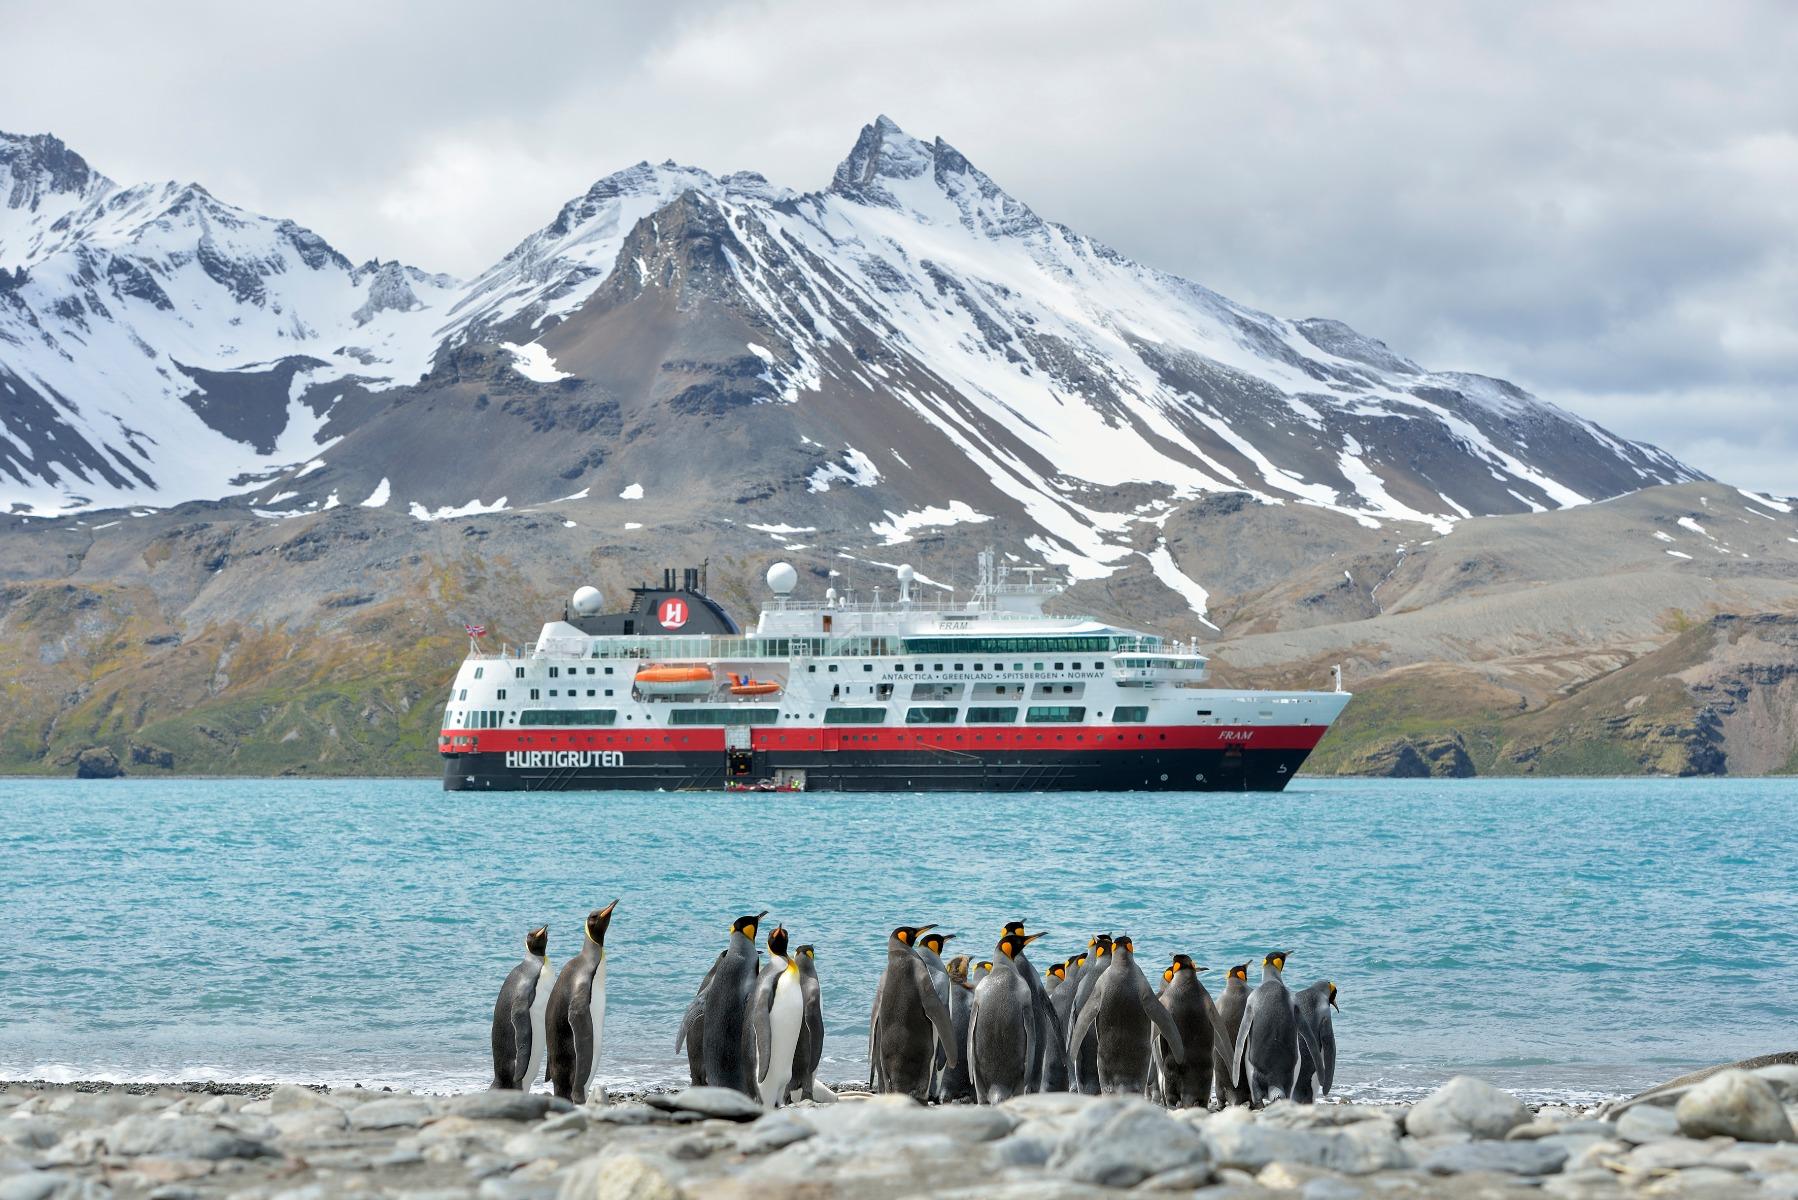 rejser til antarktis